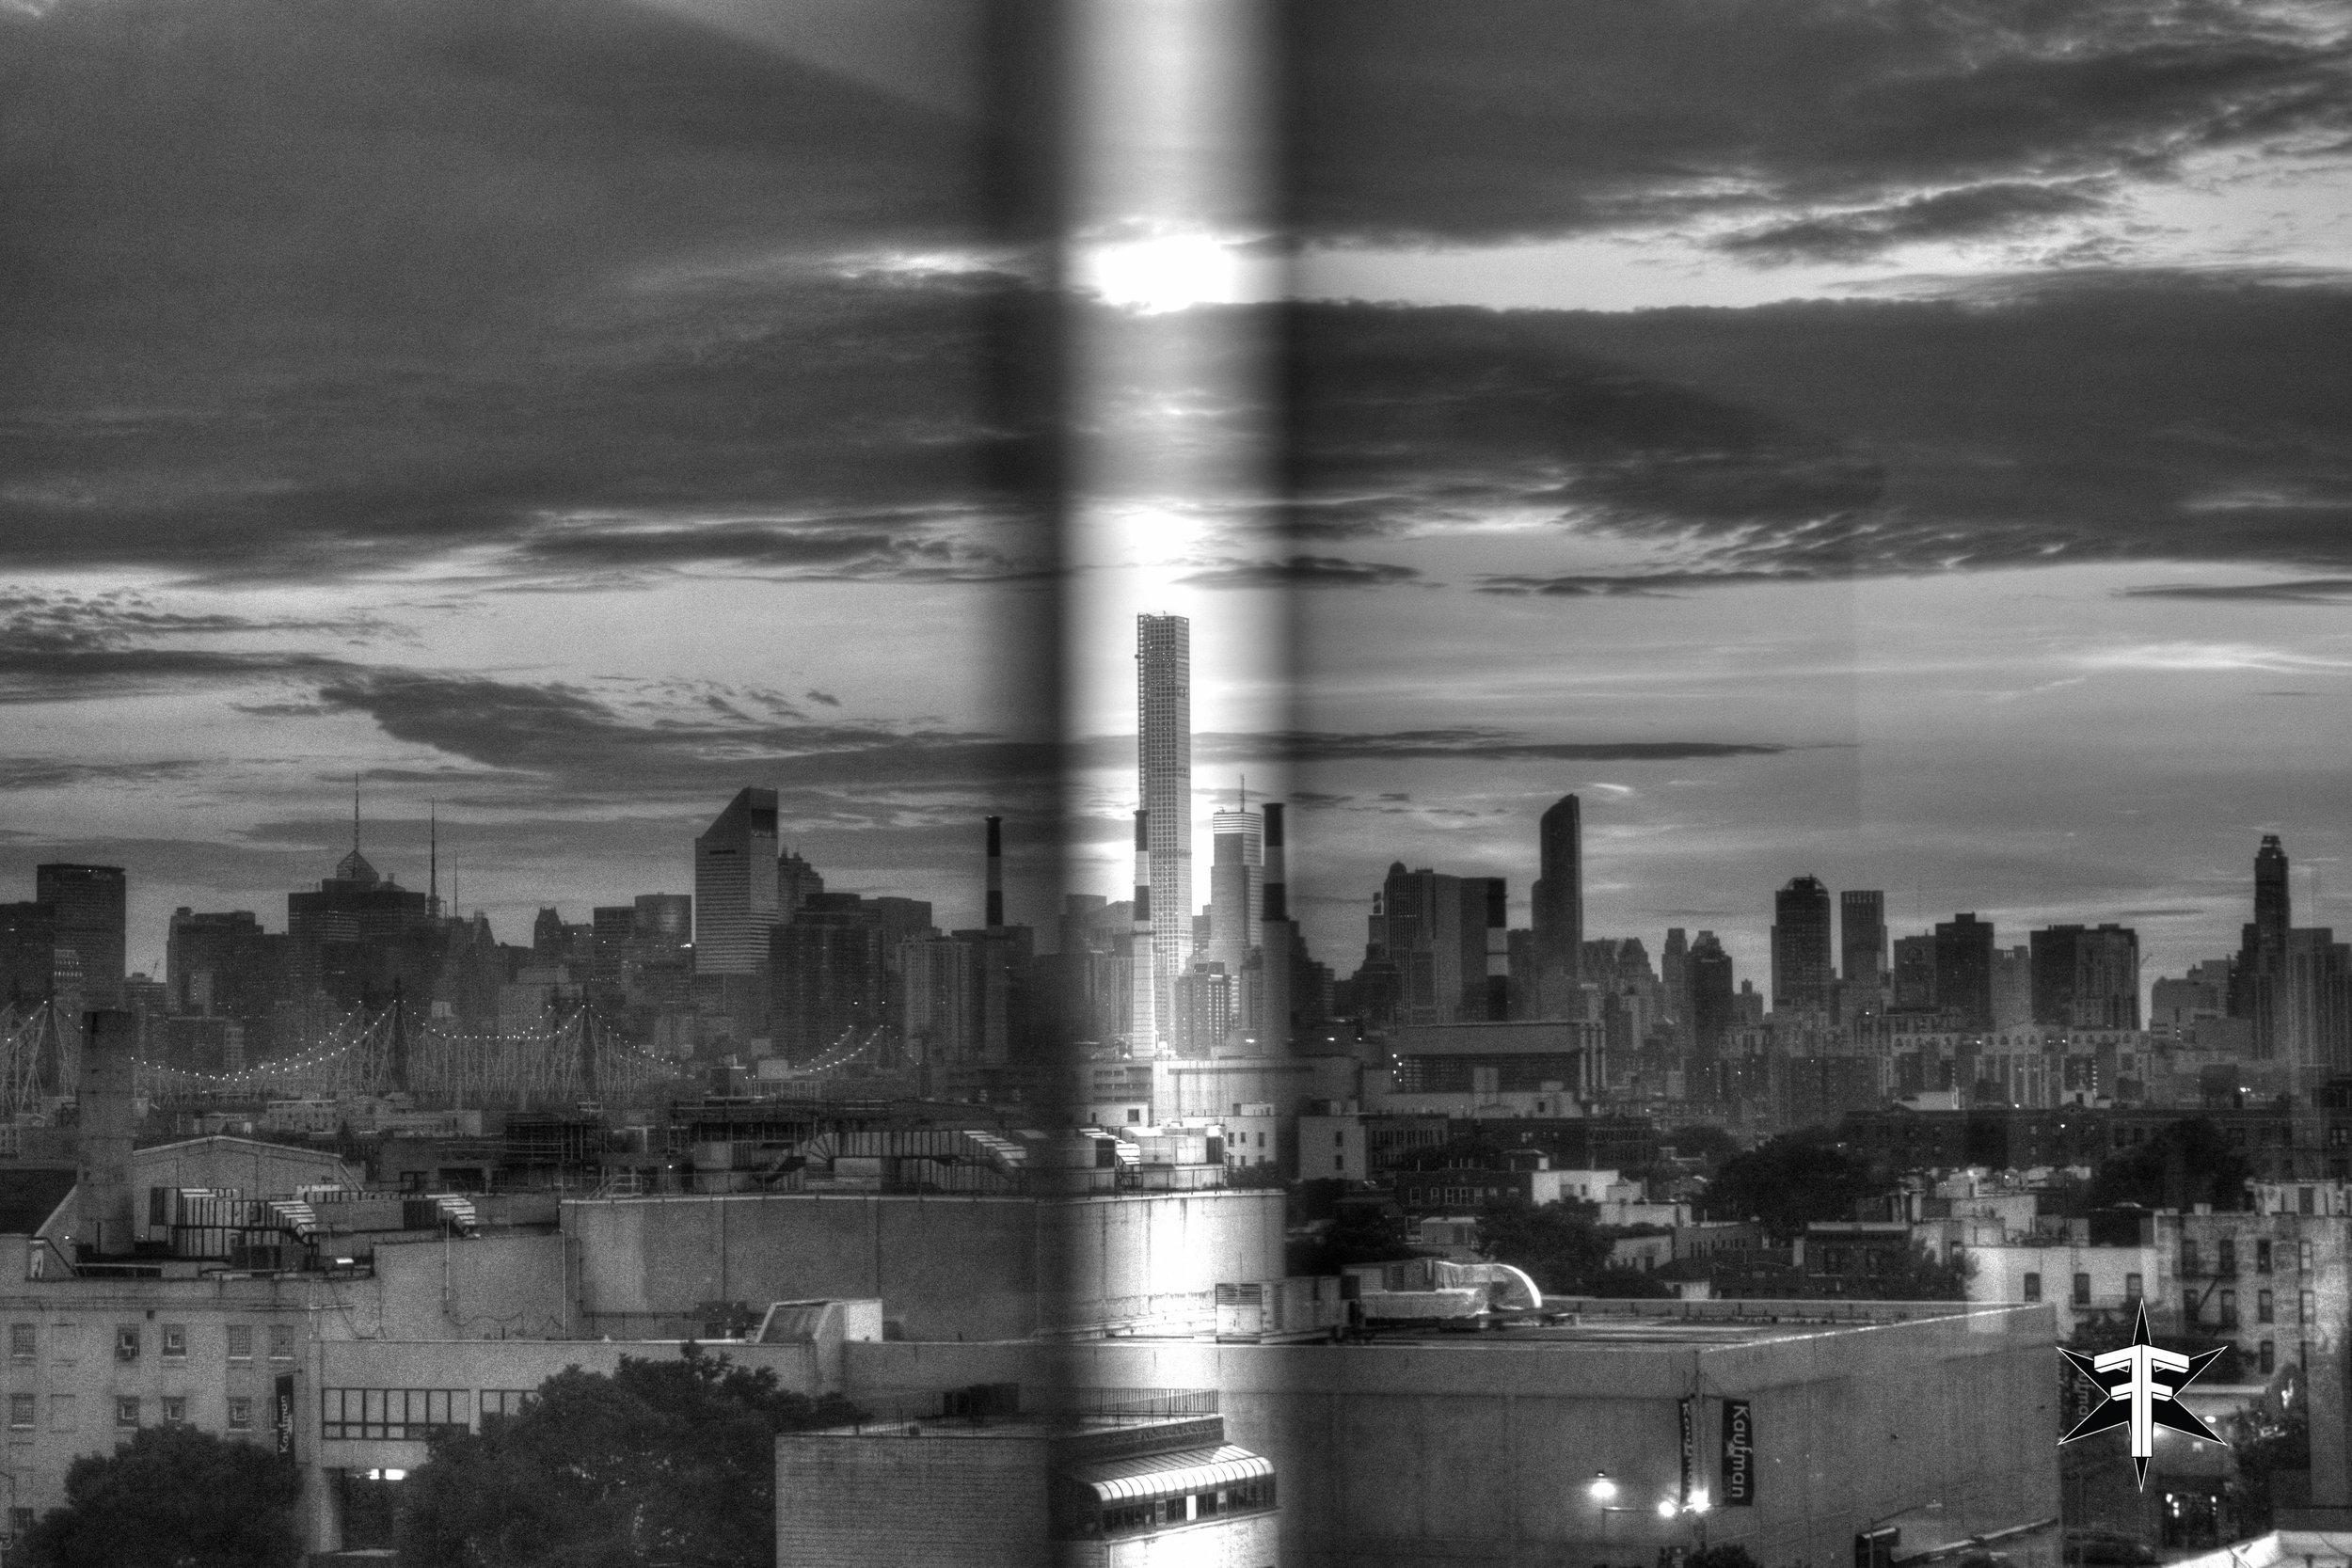 chicago architecture eric formato photography design arquitectura architettura buildings skyscraper skyscrapers-91.jpg